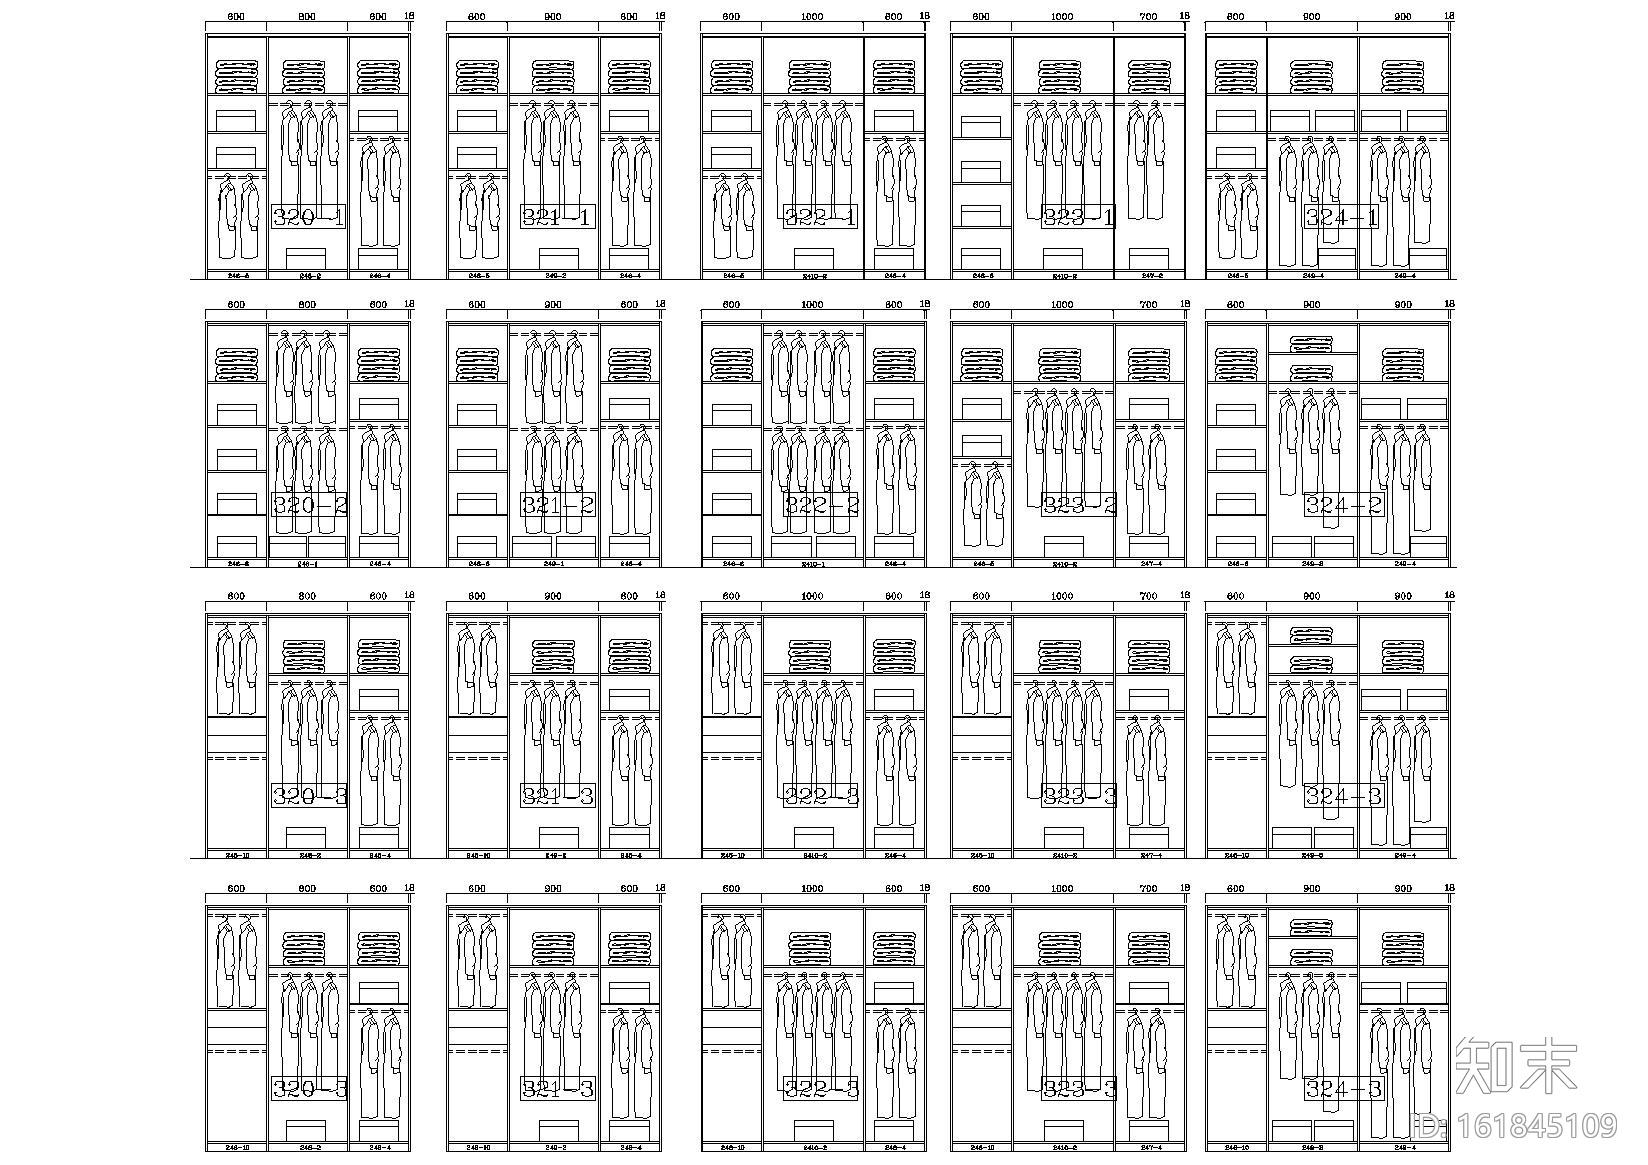 230款-成品衣柜模块及组合样式图例施工图下载【ID:161845109】